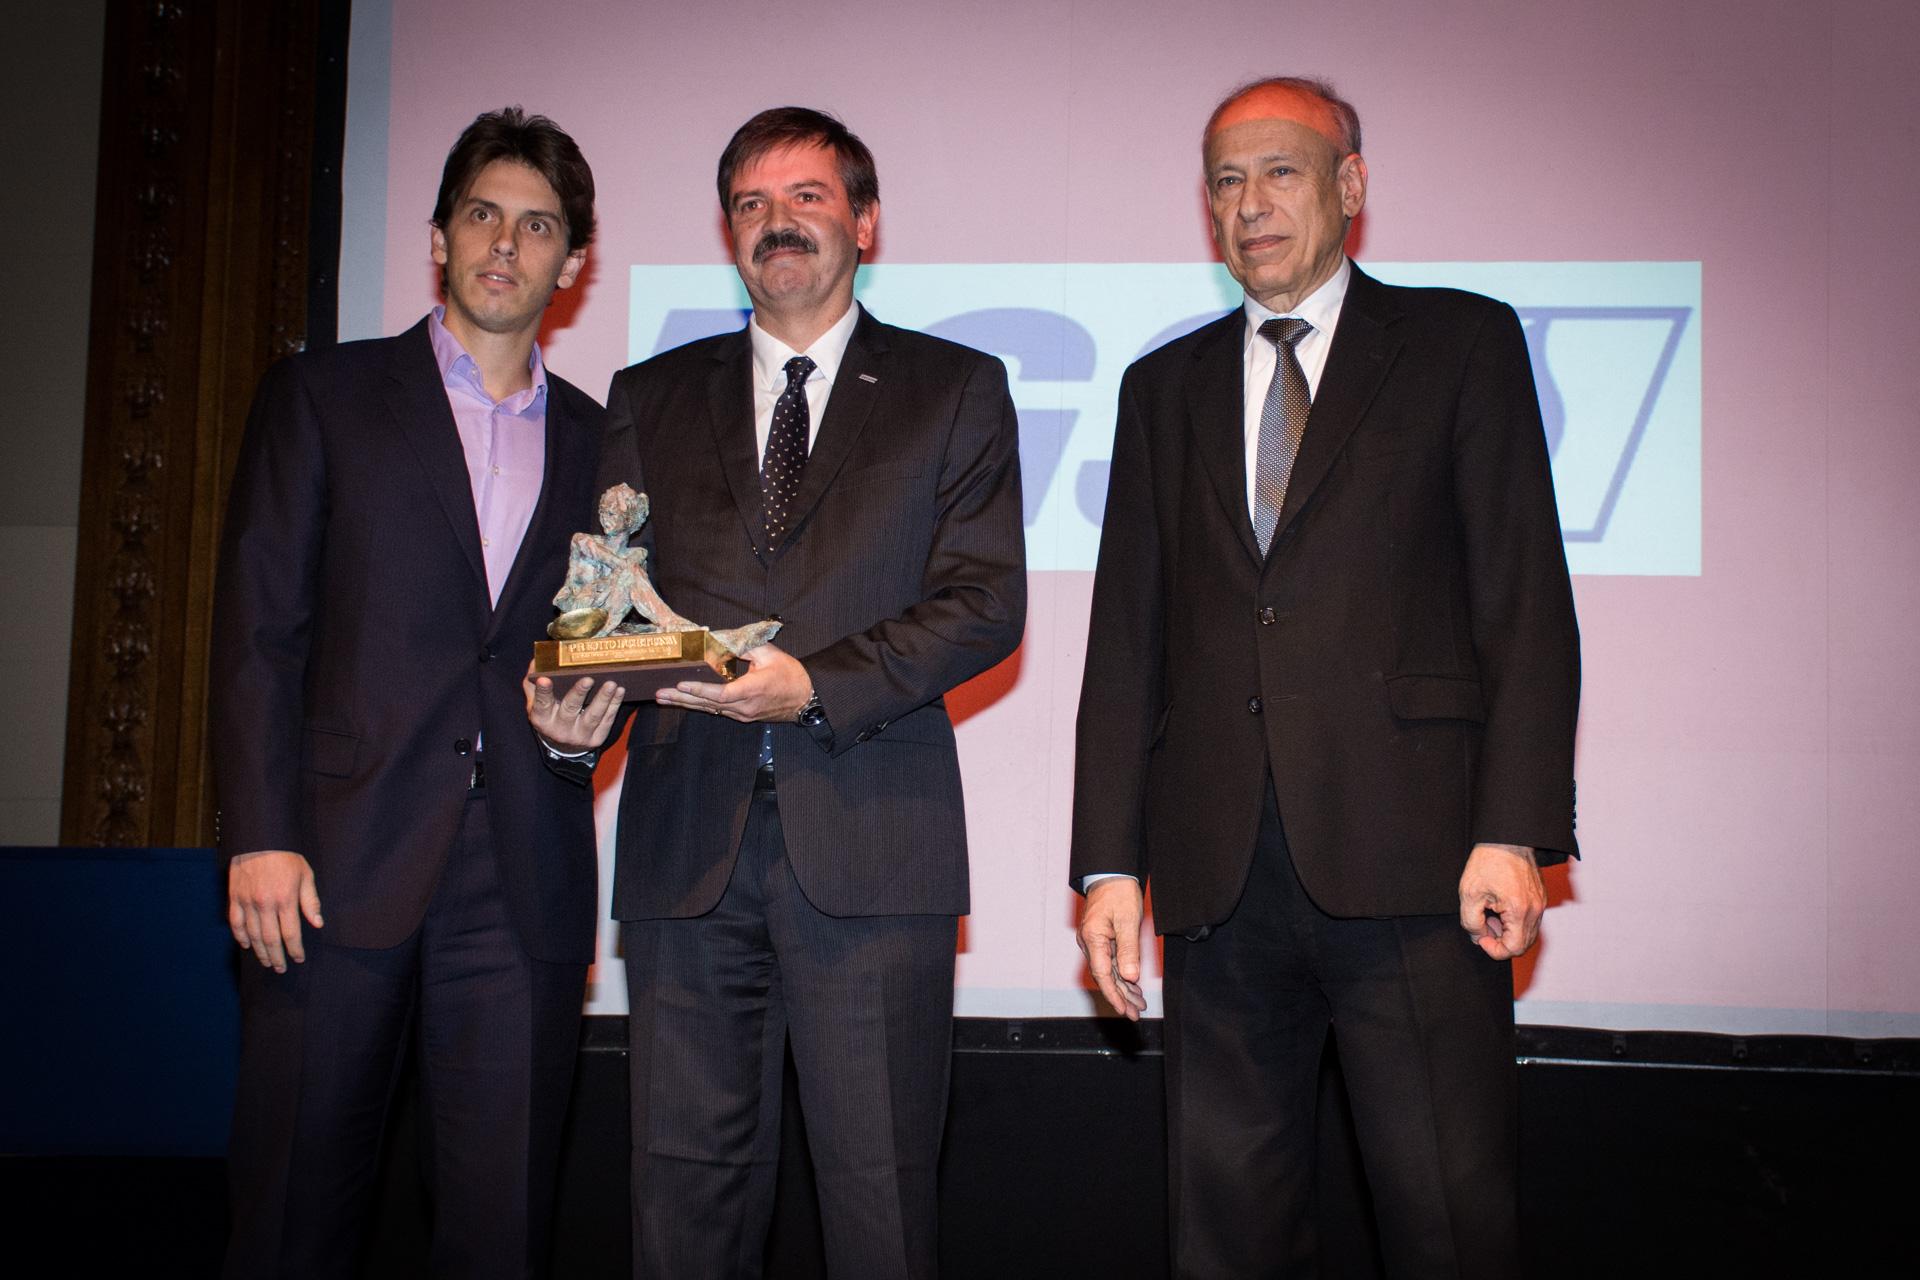 Mejor Empresa de Energía: Transportadora Gas del Sur (TGS). El premio fue recibido por Javier Gremes Cordero, director general (centro) y Gregorio Werthein, integrante del directorio de accionistas. El galardón fue entregado por el presidente de la Fundación Konex, Luis Ovsejevich